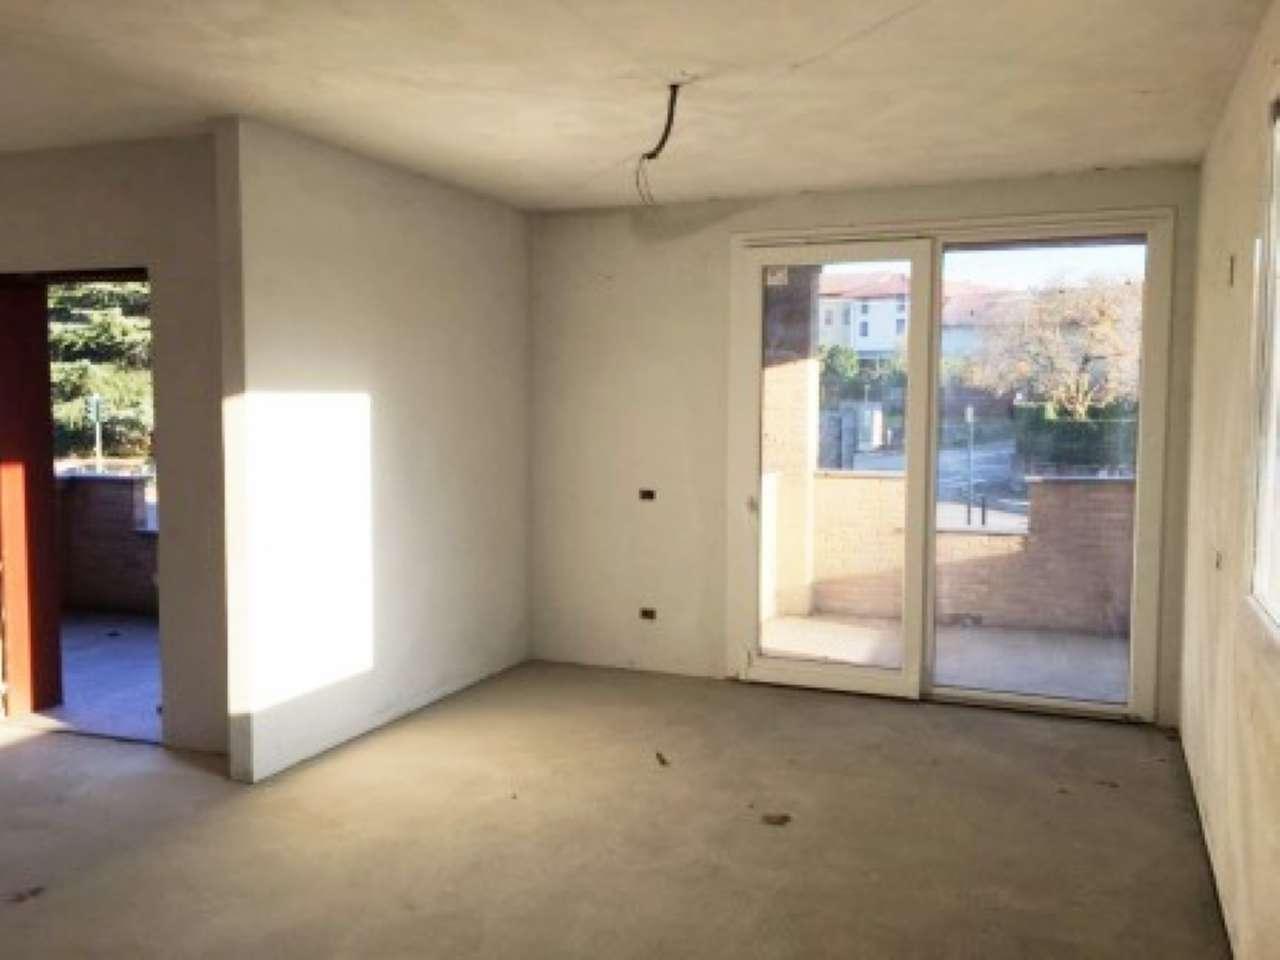 Appartamento in vendita a Mozzate, 3 locali, prezzo € 300.000 | CambioCasa.it